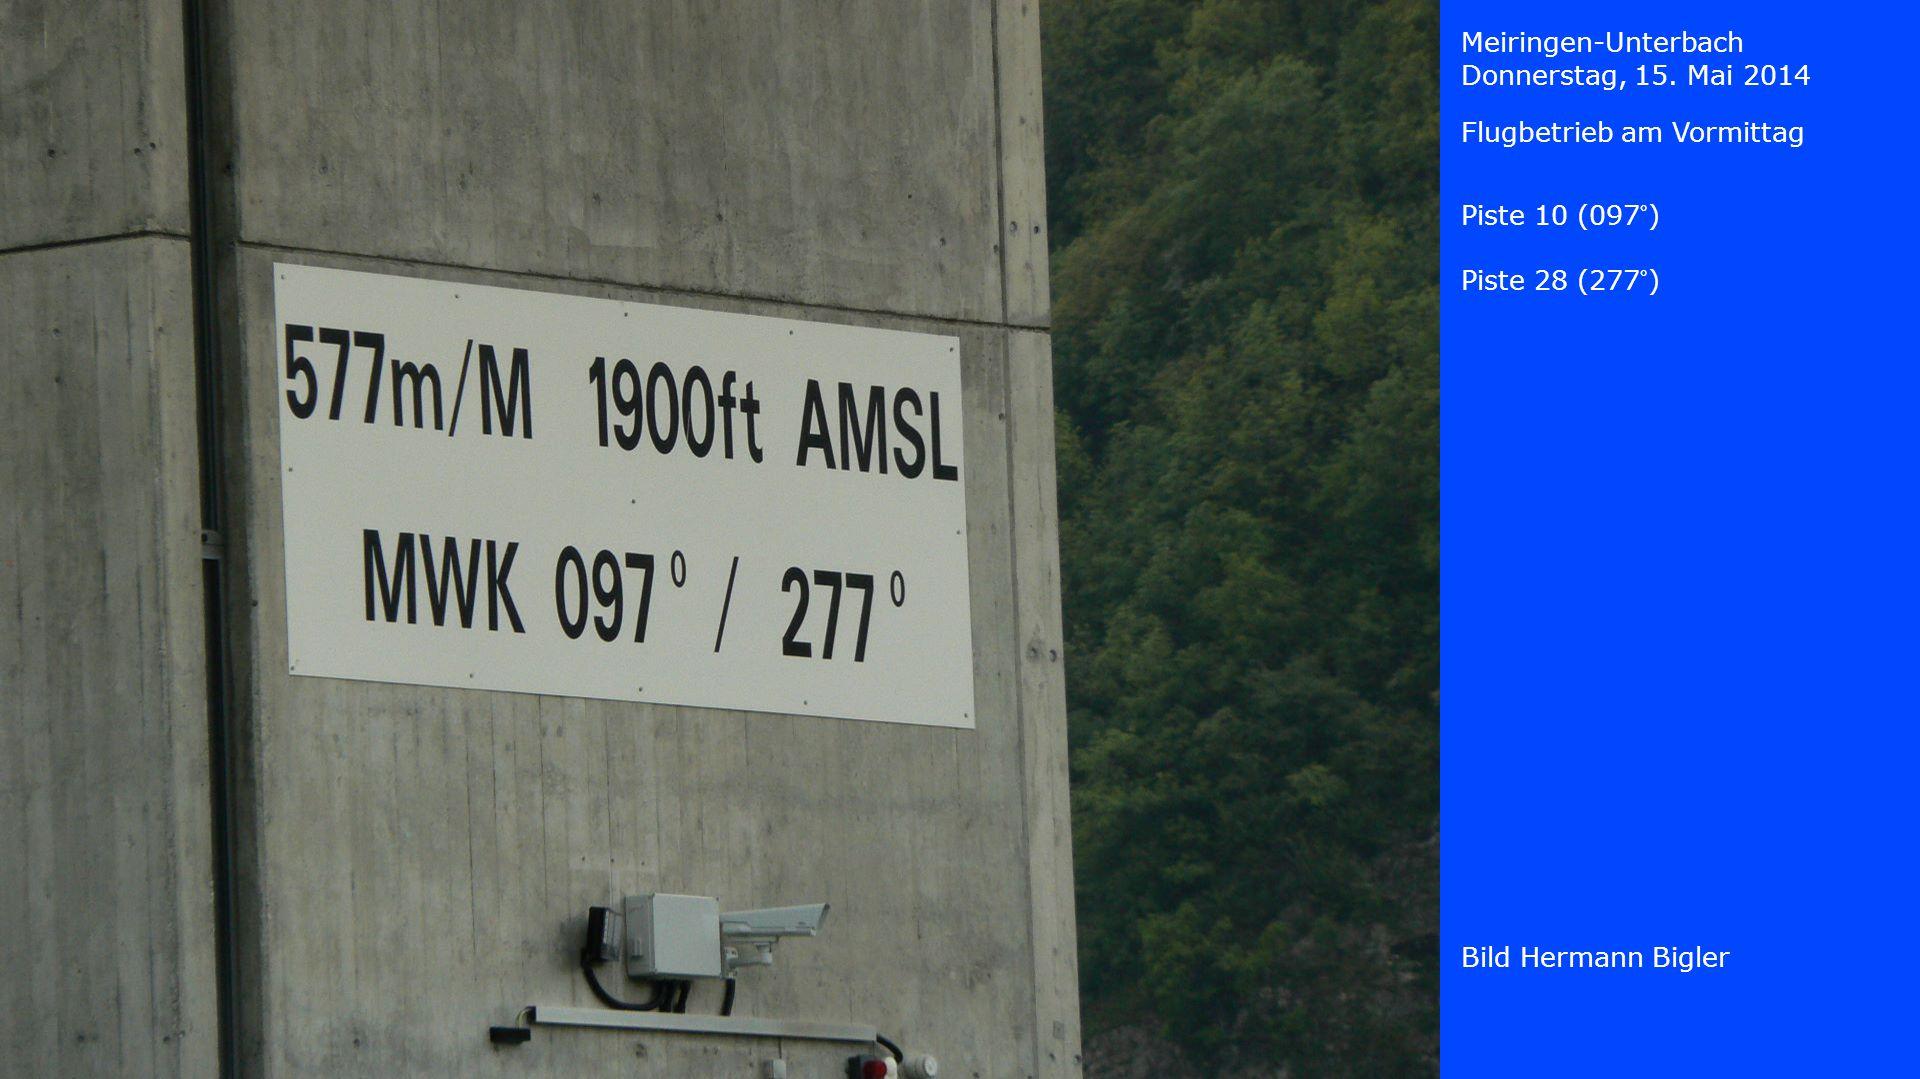 Meiringen-Unterbach Donnerstag, 15. Mai 2014. Flugbetrieb am Vormittag. Piste 10 (097°) Piste 28 (277°)